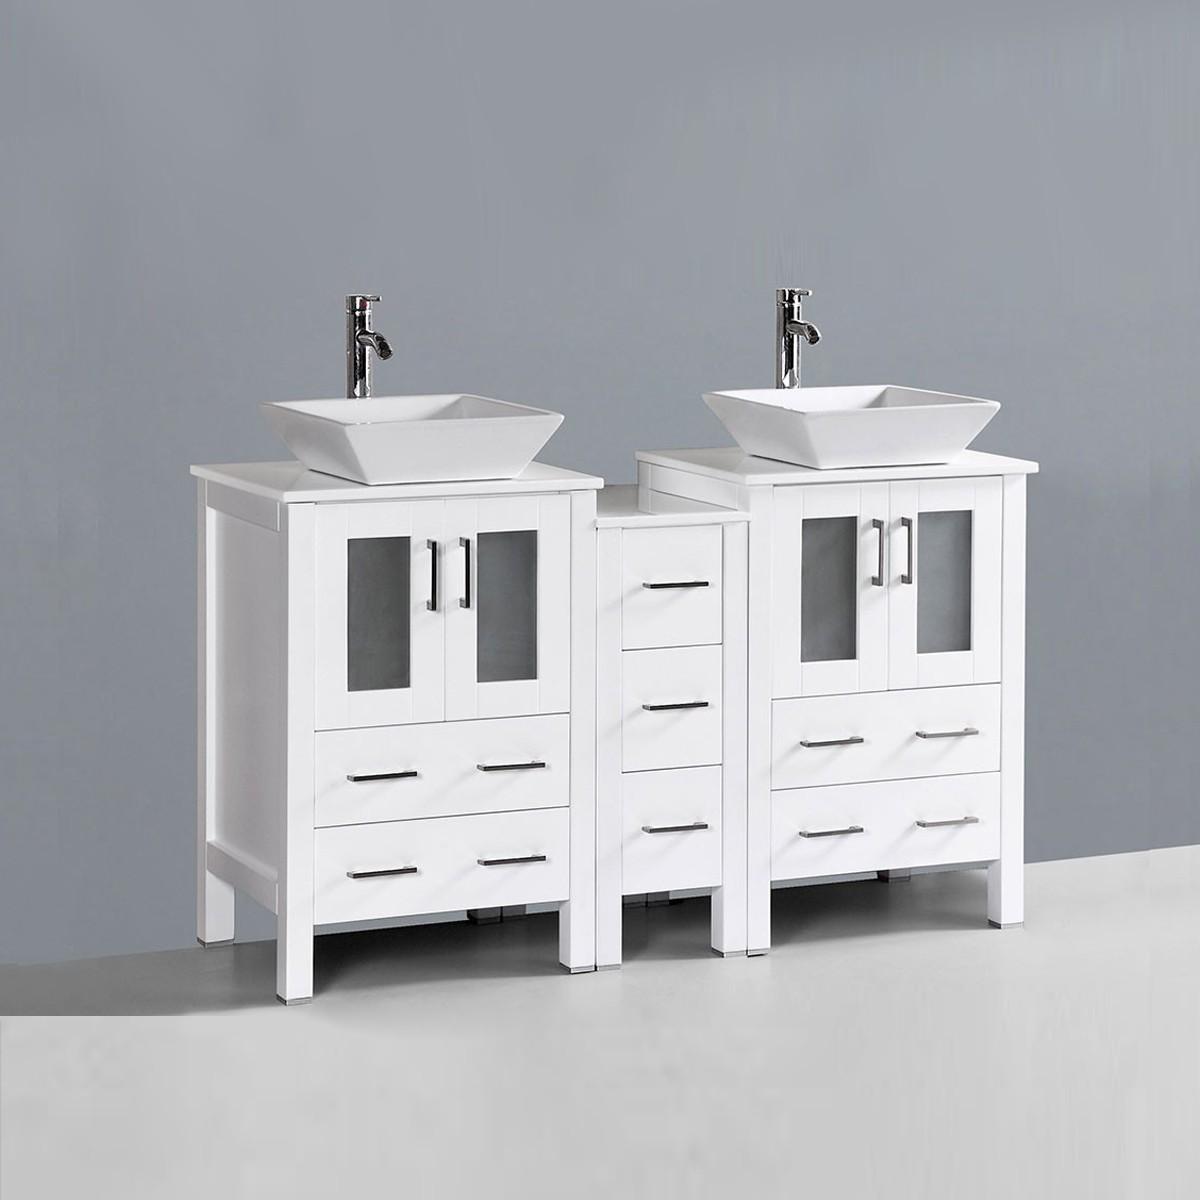 freestanding bathroom vanity. 60 In. Freestanding Bathroom Vanity (DK-T9161-60W-V) O